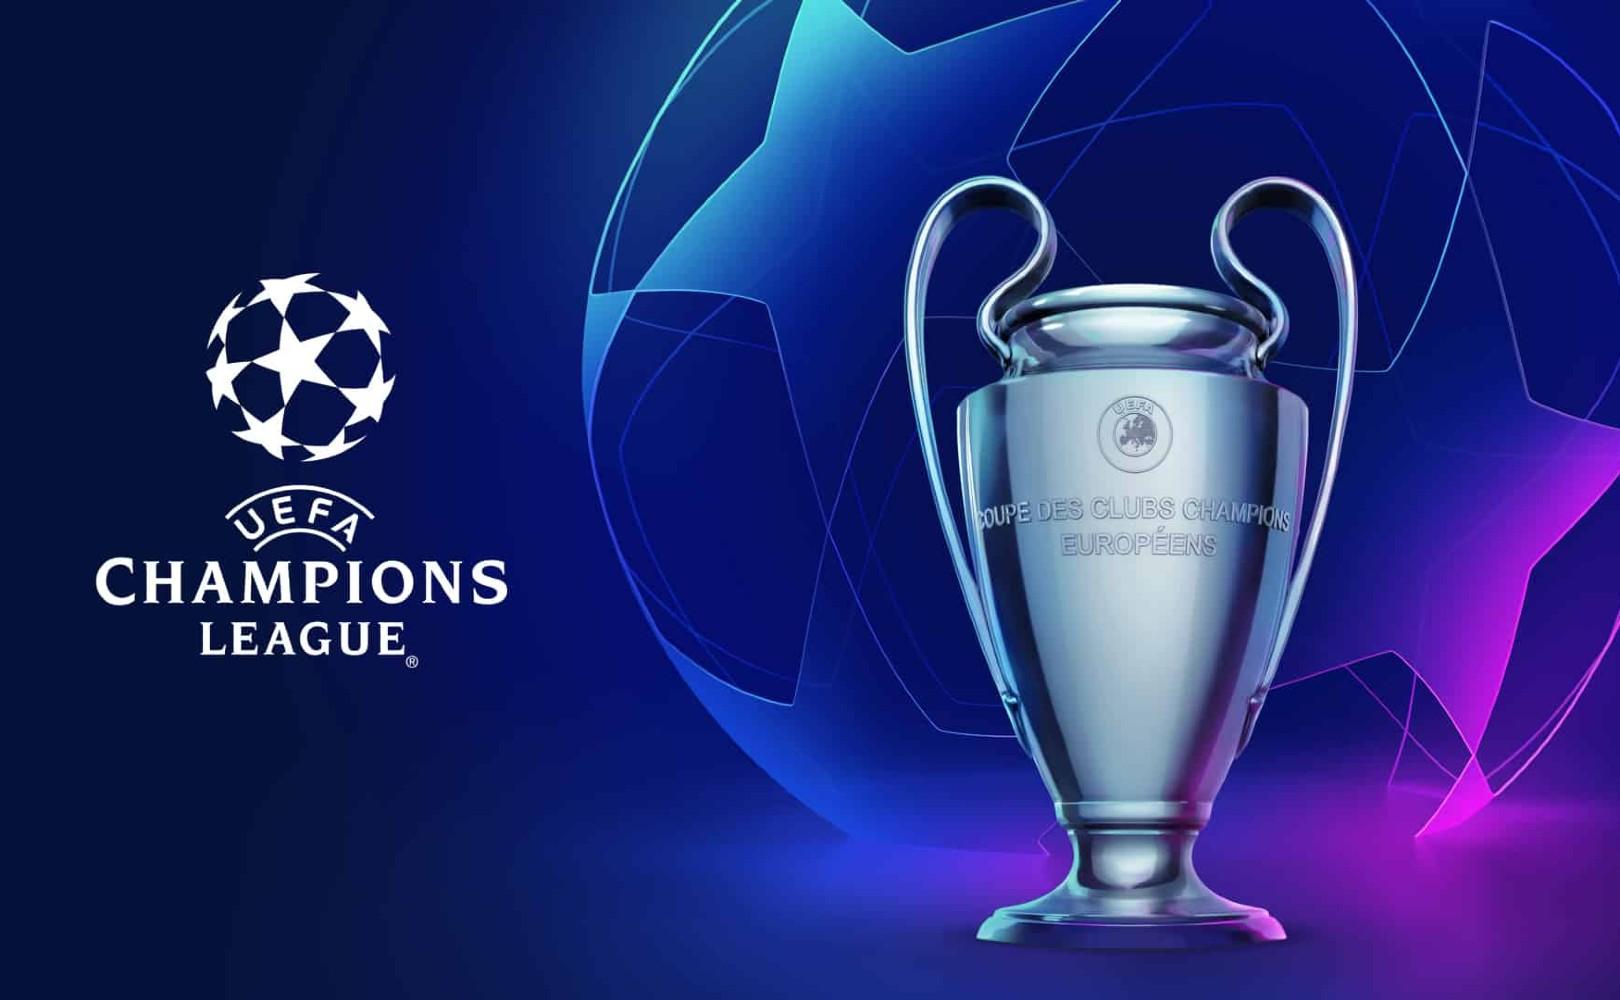 Czy można obejrzeć Ligę Mistrzów 2021/2022 za darmo?